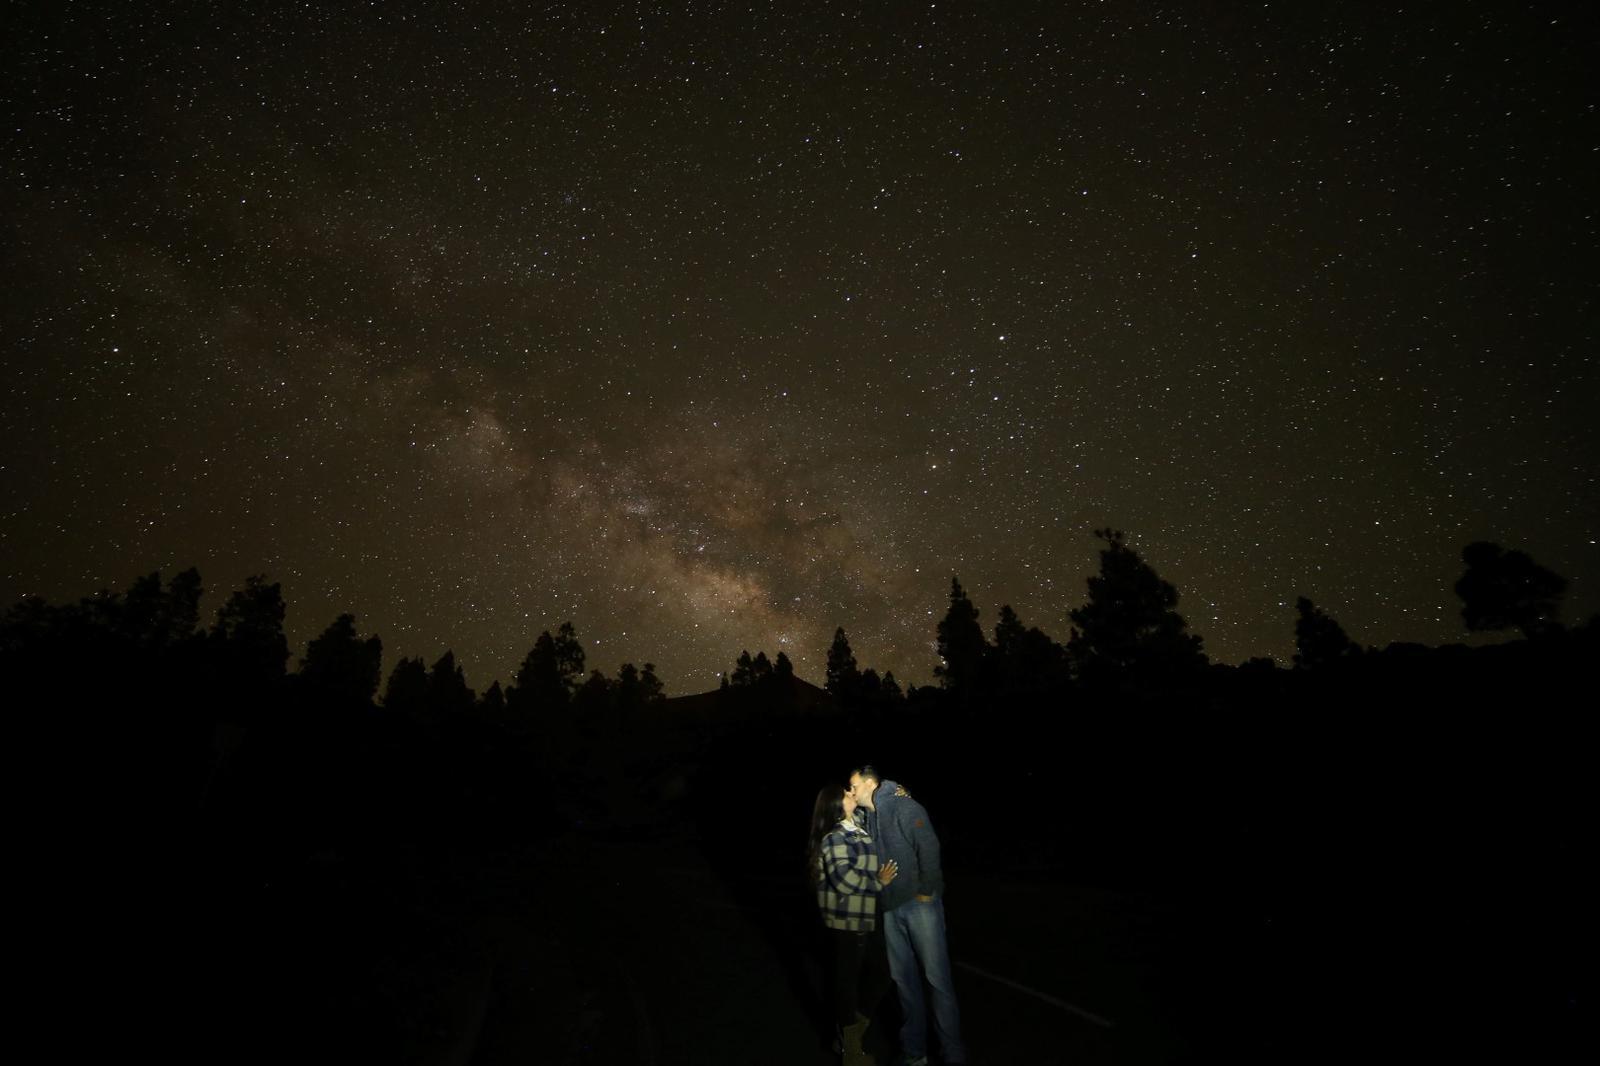 Reserva Starlight: un escenario perfecto para ver las estrellas es la Reserva Starlight